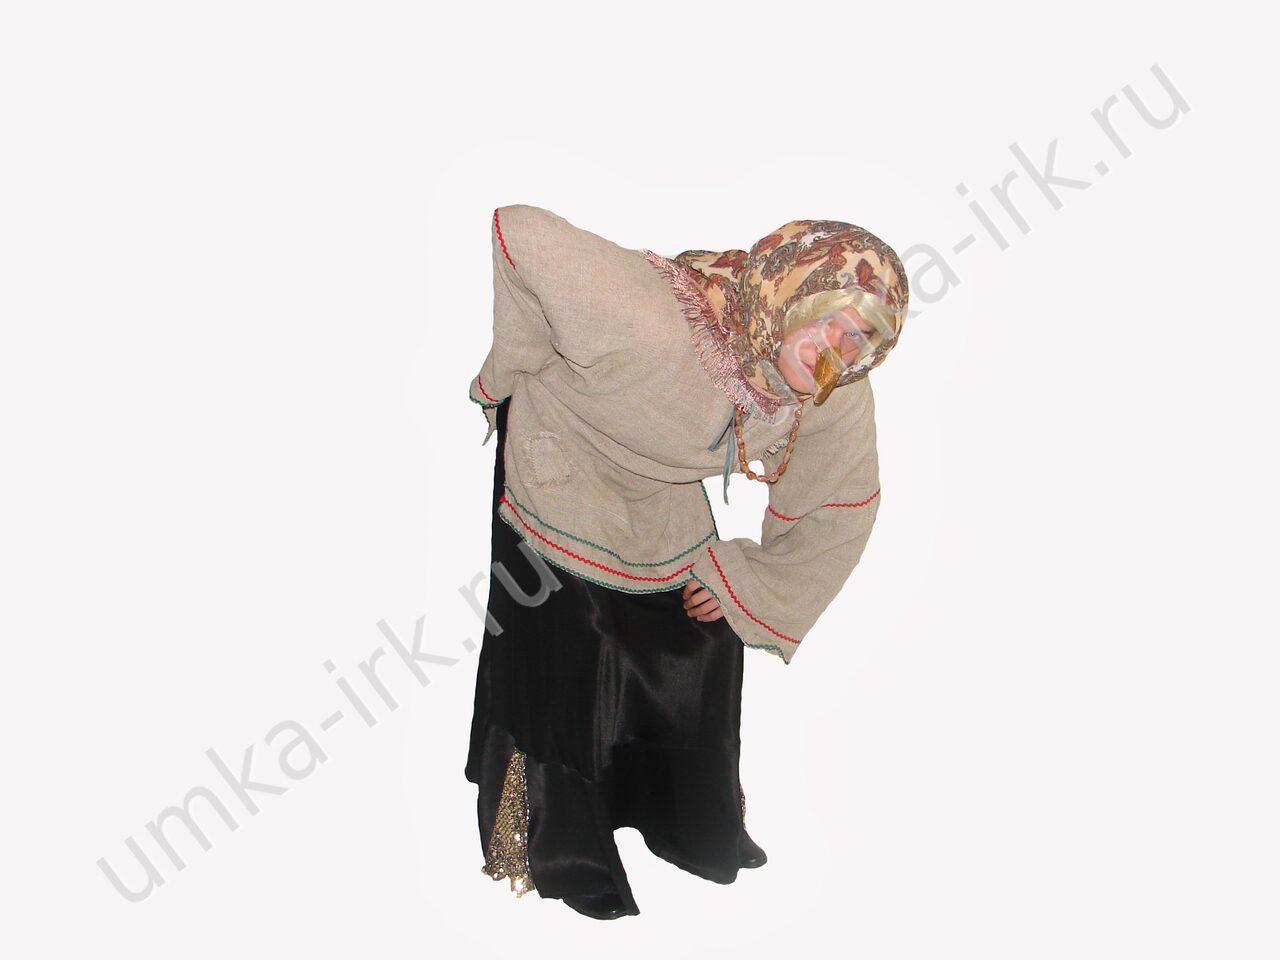 детские костюмы бабы яги фото   Фотоархив: http://photo.bigbo.ru/?p=5900